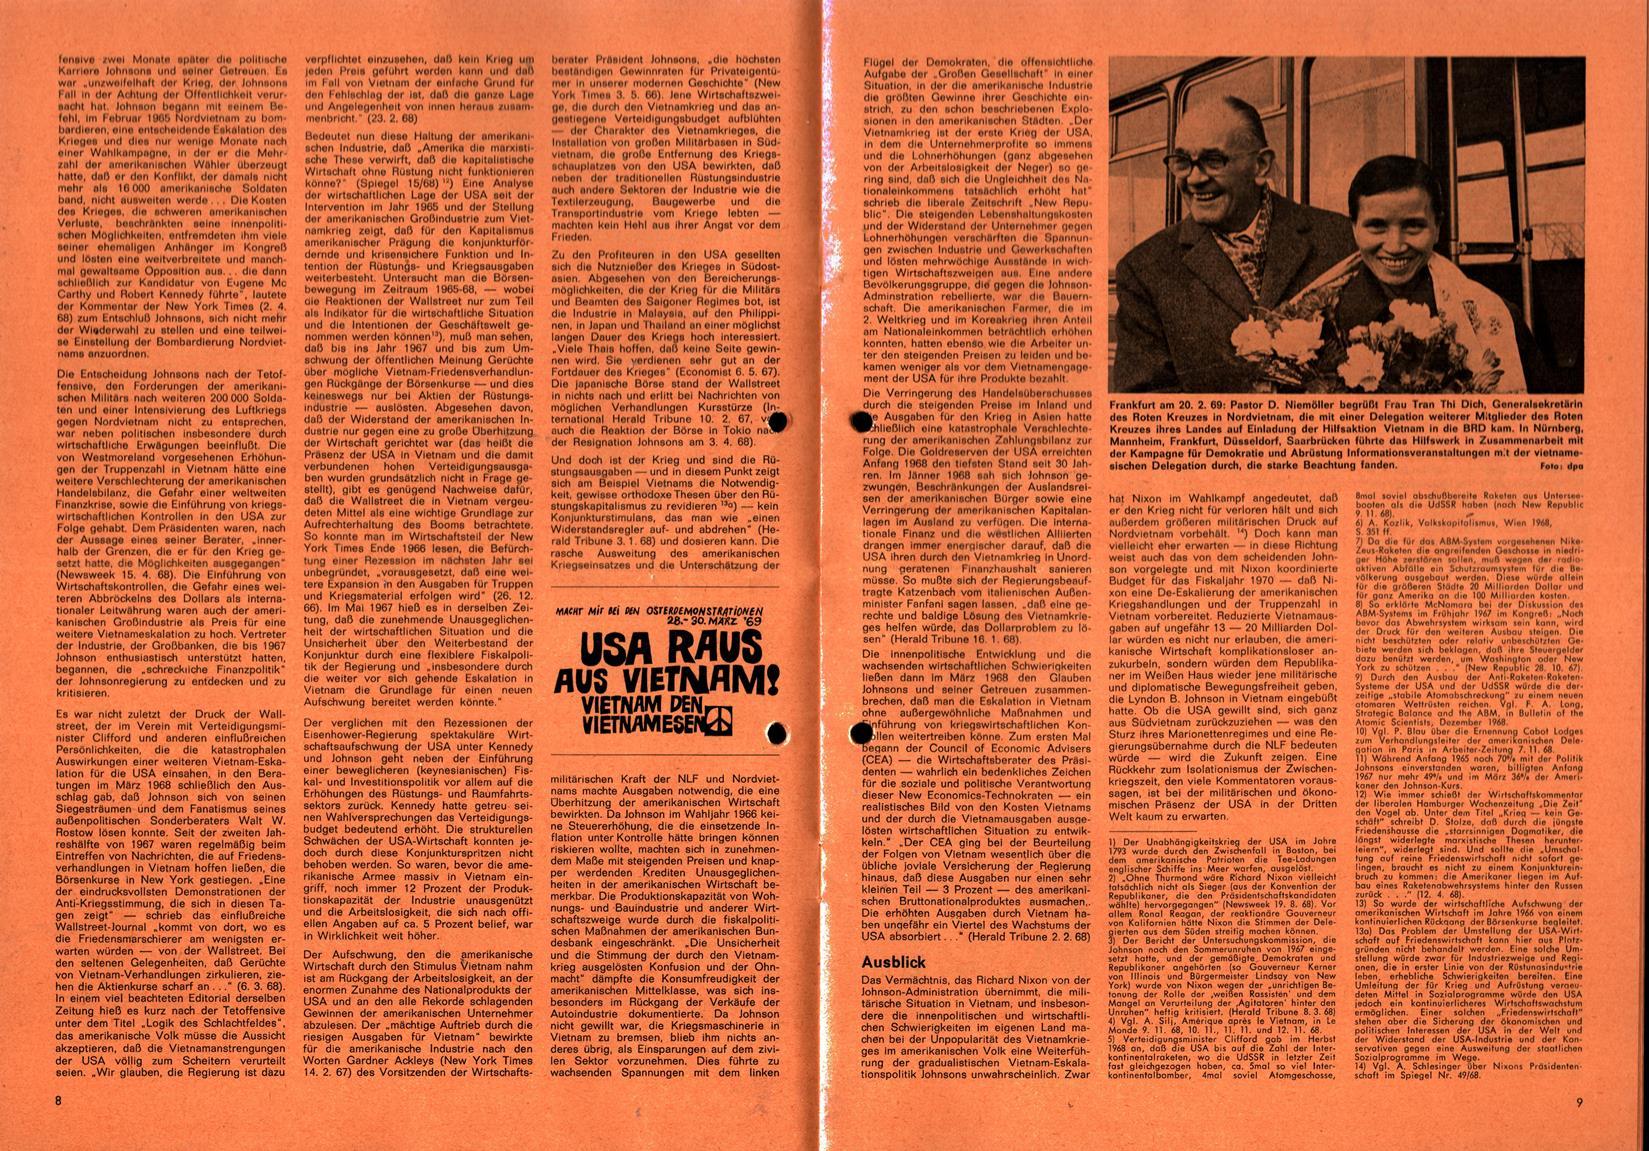 Infos_zur_Abruestung_1969_067_068_005